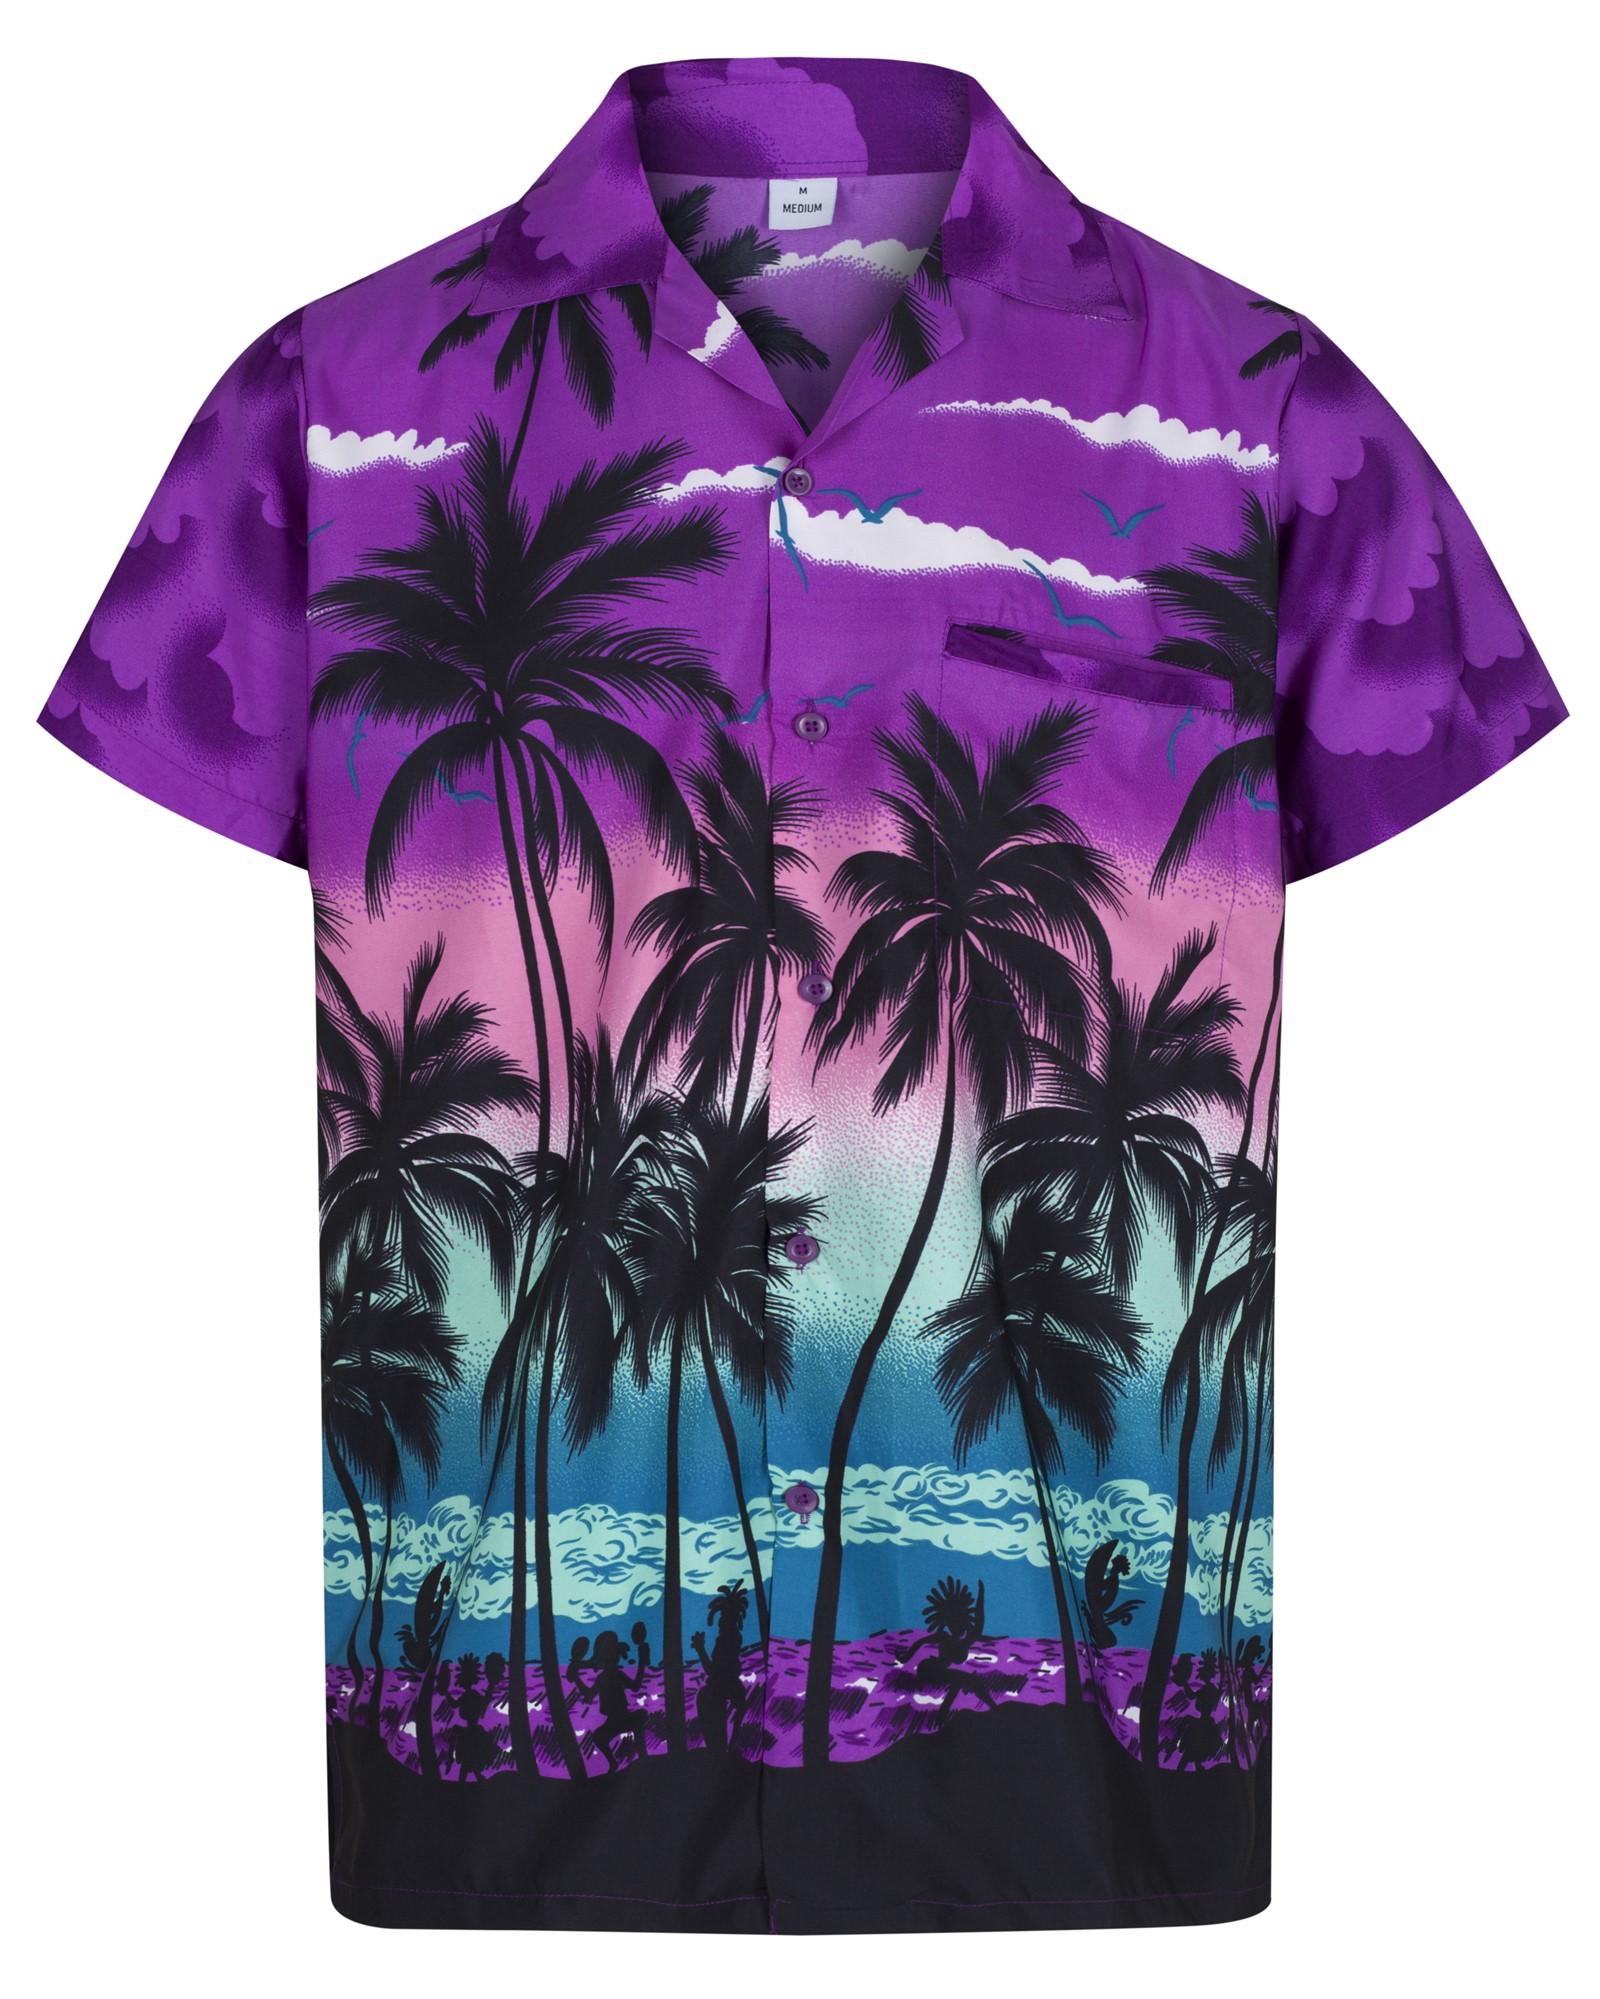 Da Uomo Arcobaleno Manica Corta Camicia Hawaiana Addio Al Celibato Spiaggia Vacanza Costume